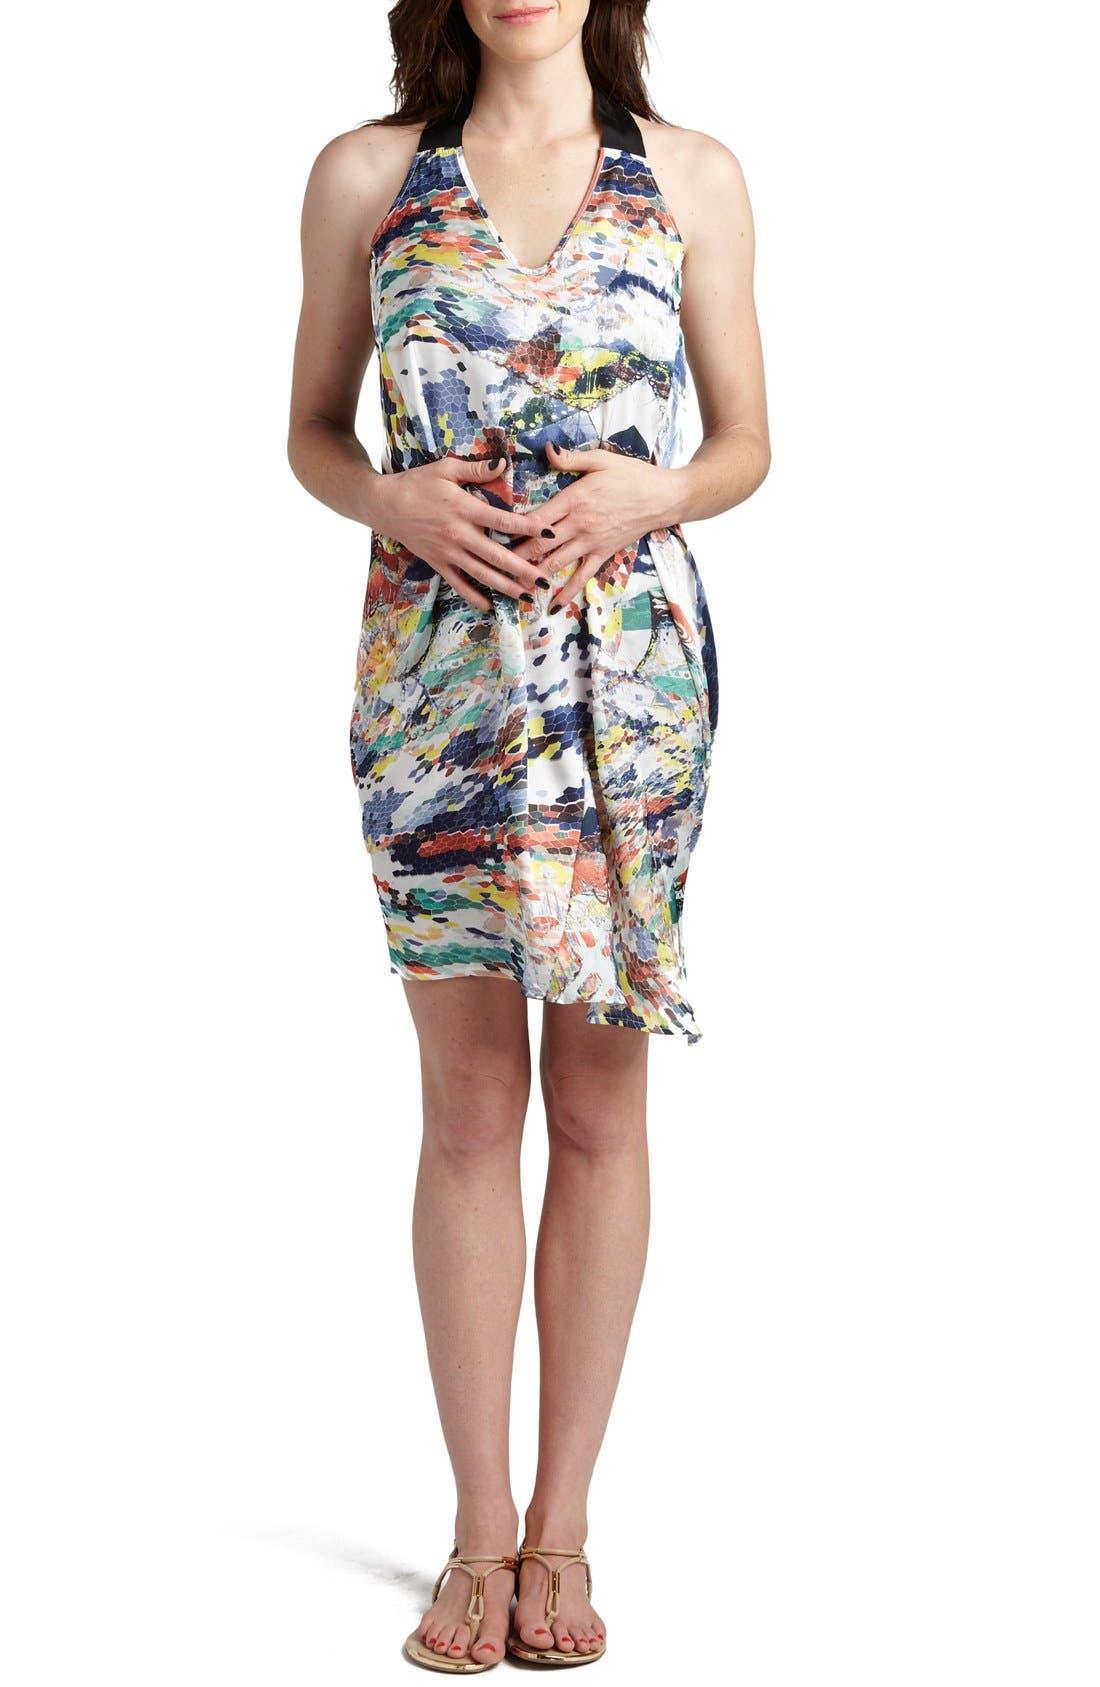 LOYAL HANA 'Claudia' Maternity/Nursing Shift Dress, Main, color, MULTI HONEYCOMB